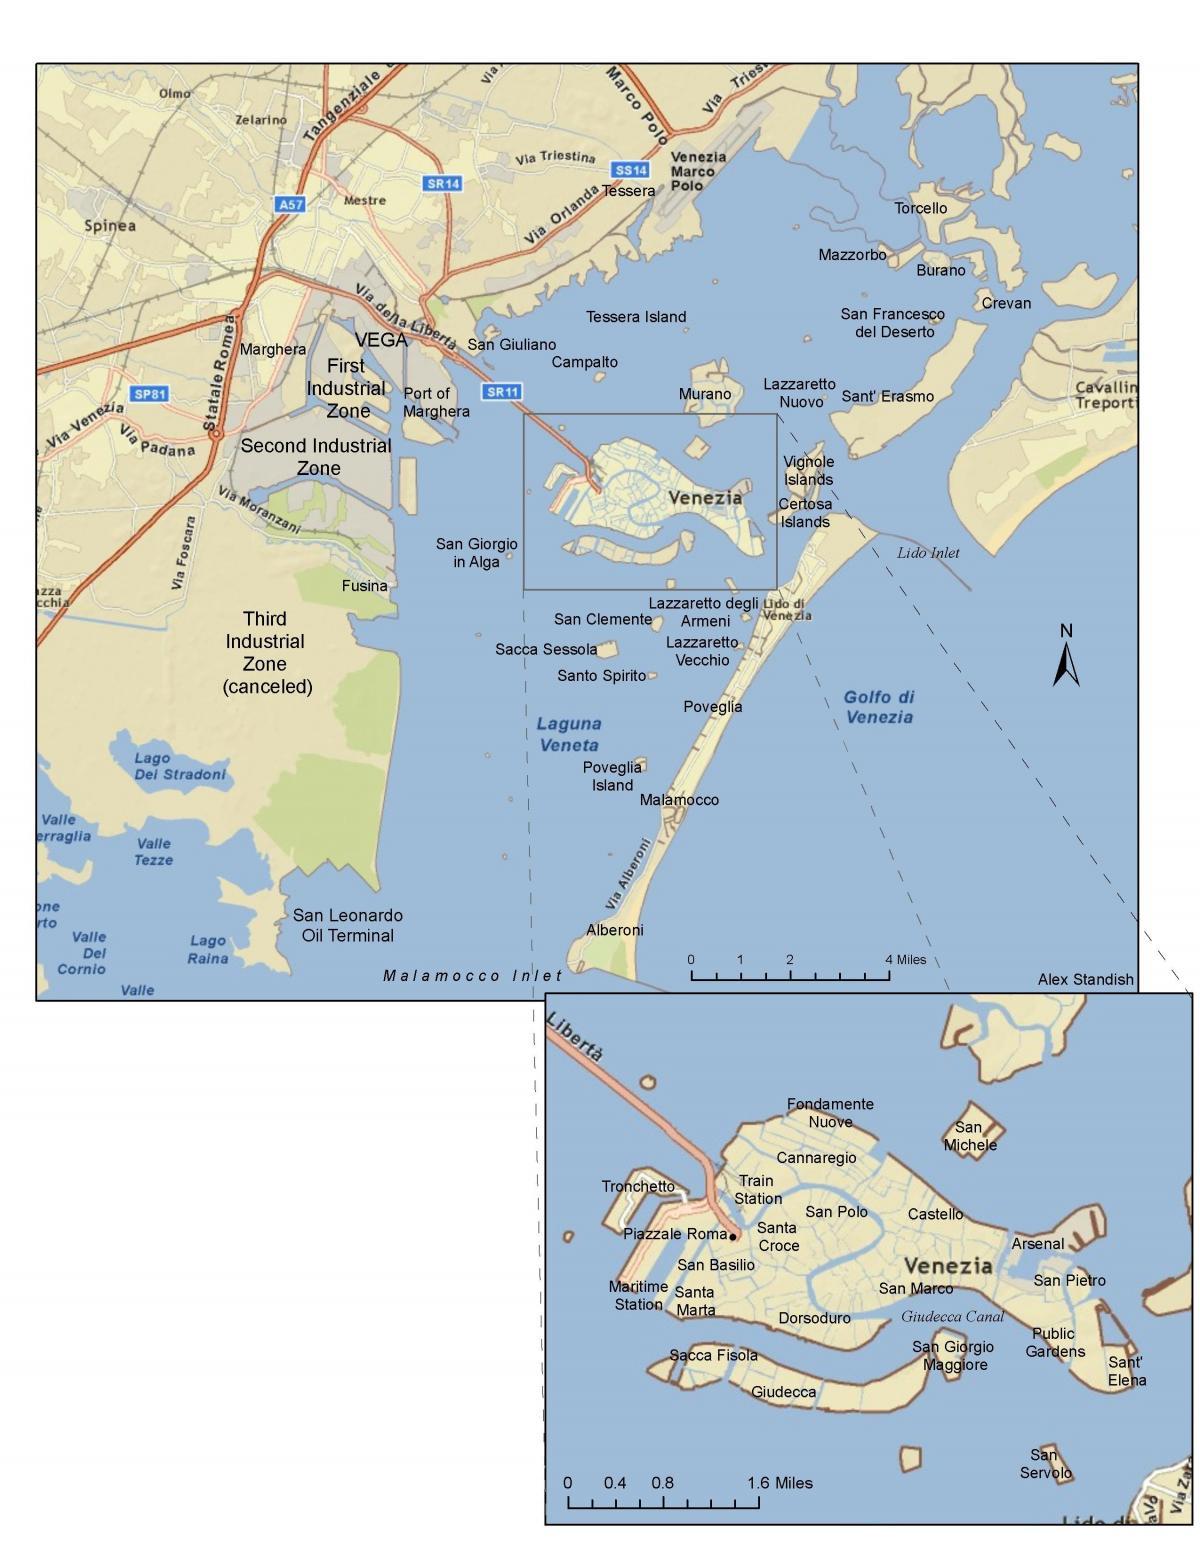 Kartta Venice Island Italia Kartta Saaret Venetsia Italia Italia